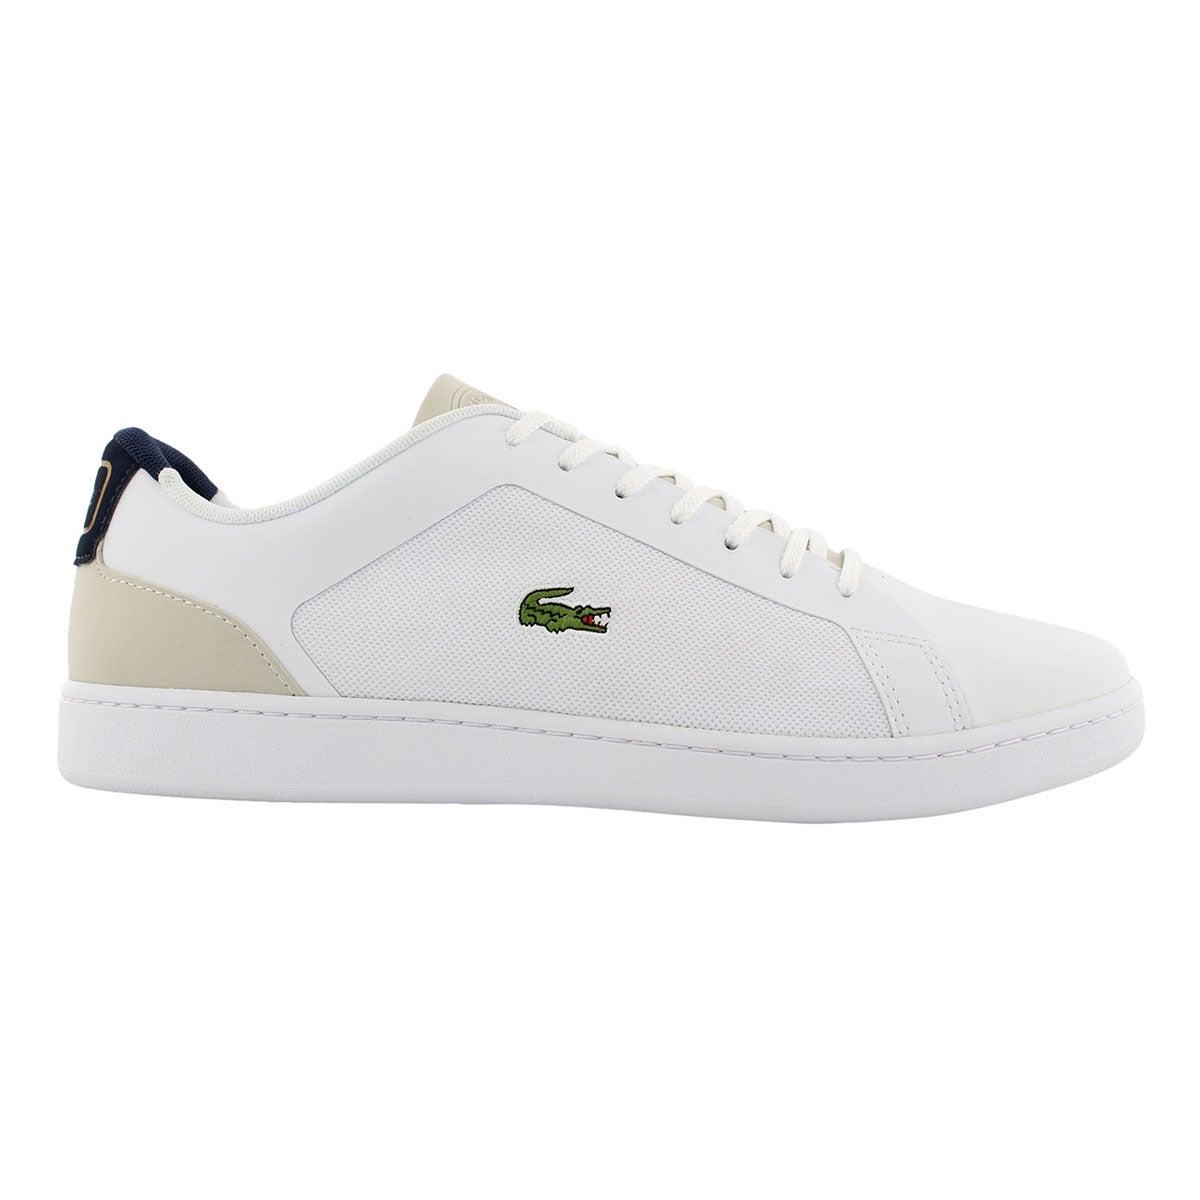 Mns Endliner 318 white/navy sneaker